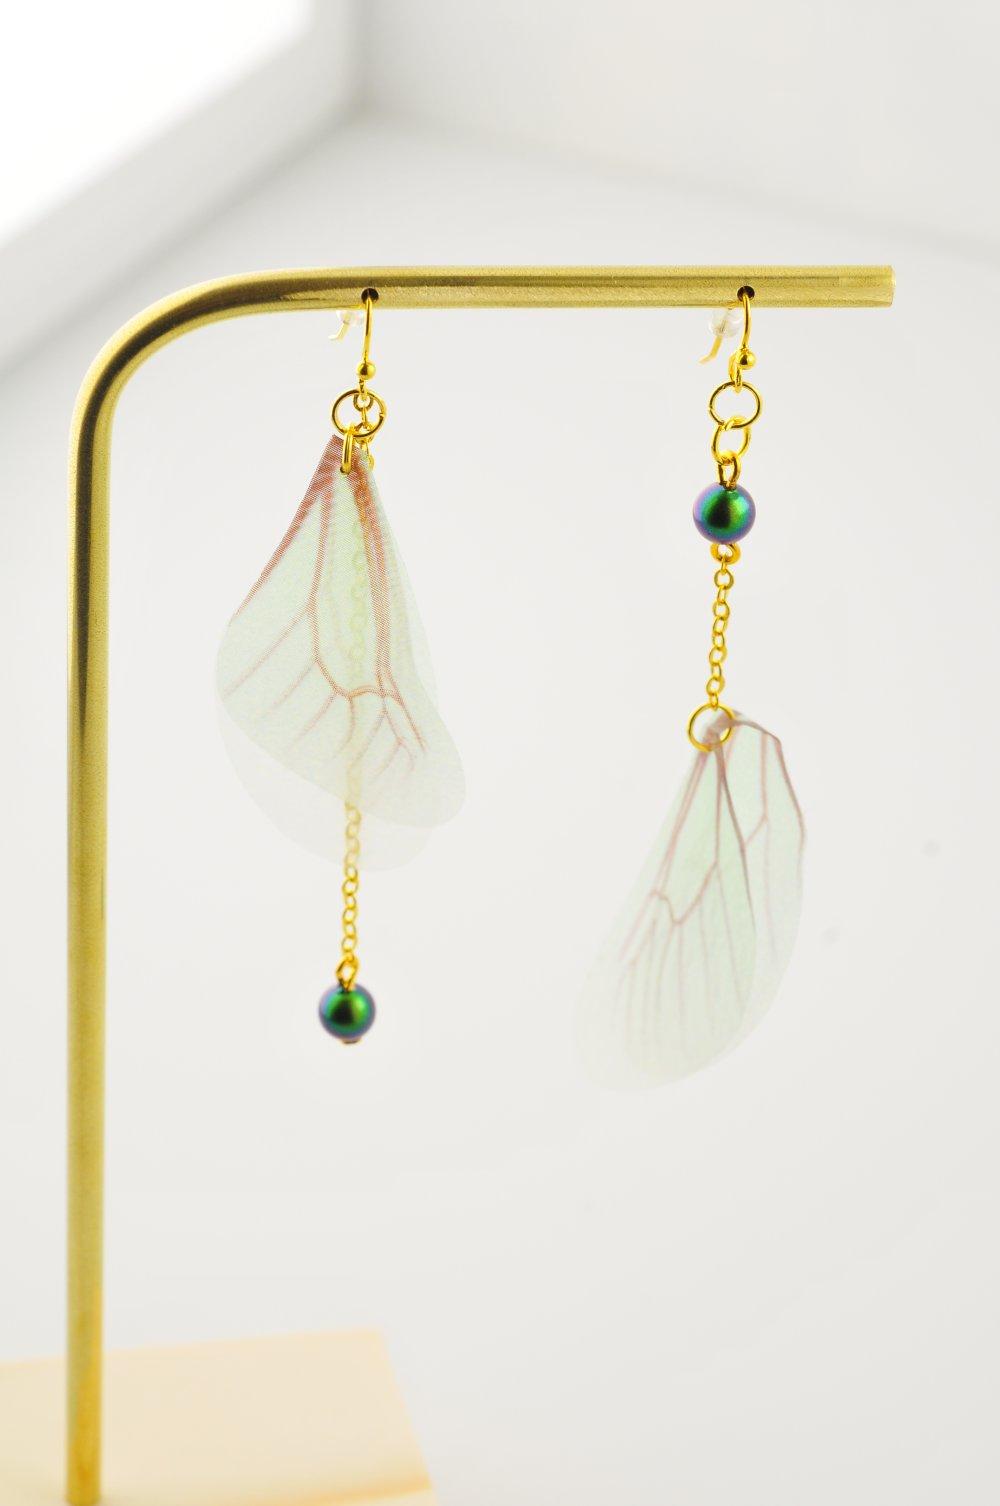 Boucles d'oreilles, perles et ailes en organza